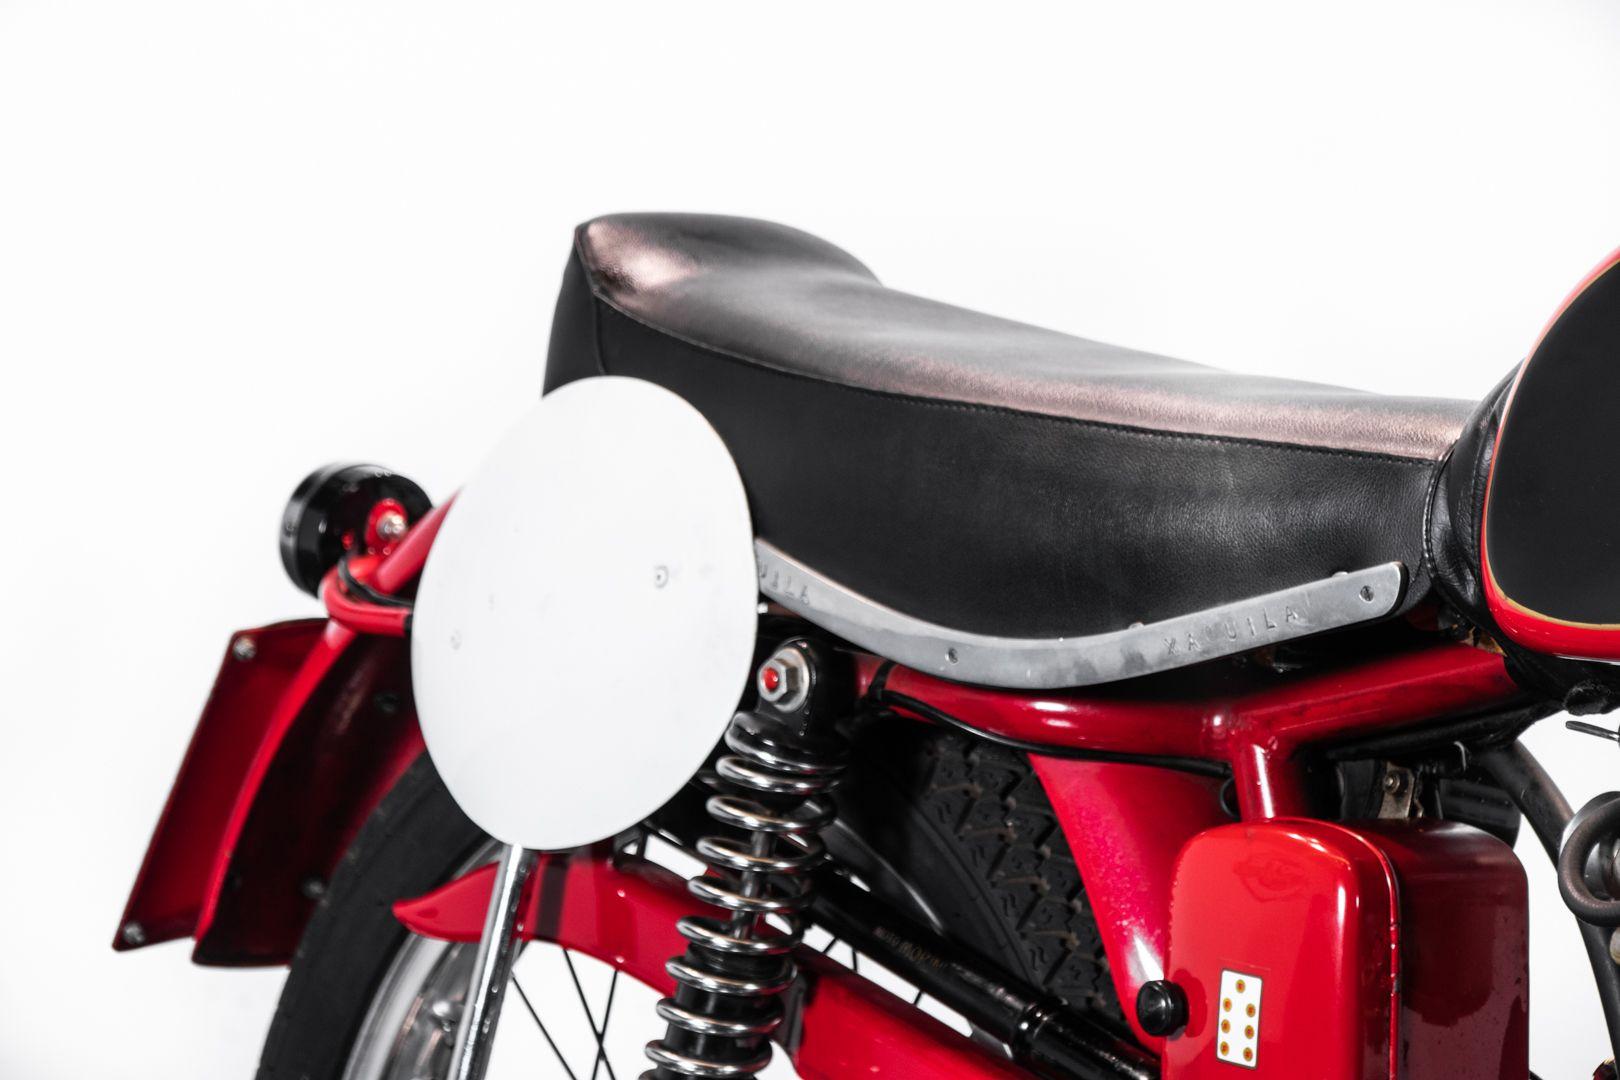 1955 Moto Morini Settebello Molle Cilindriche 175 78571